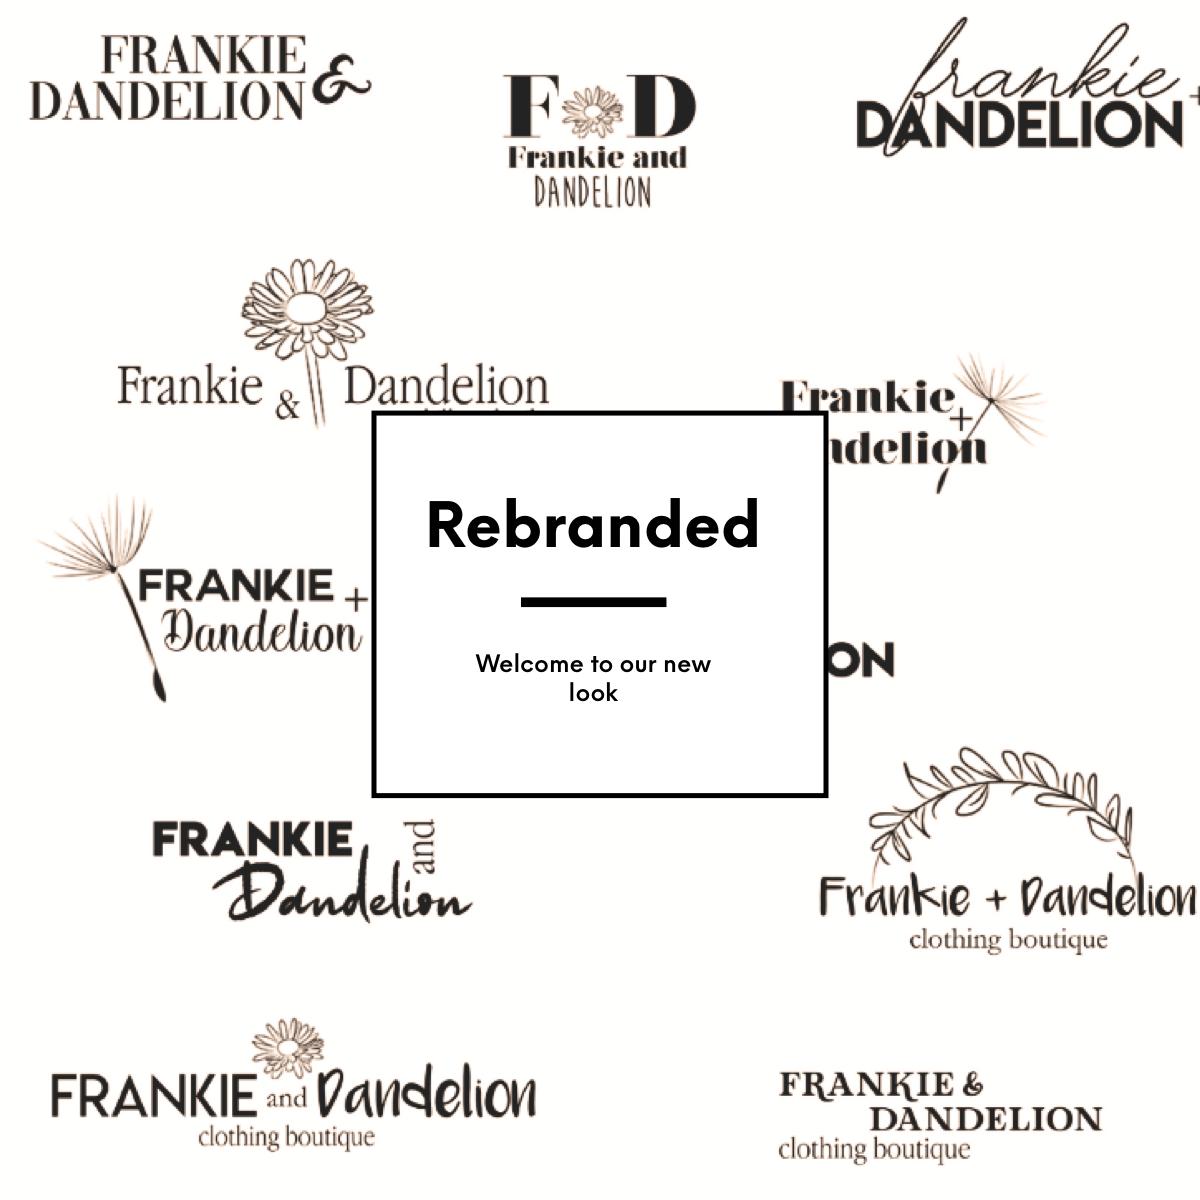 Frankie & Dandelion Rebranded